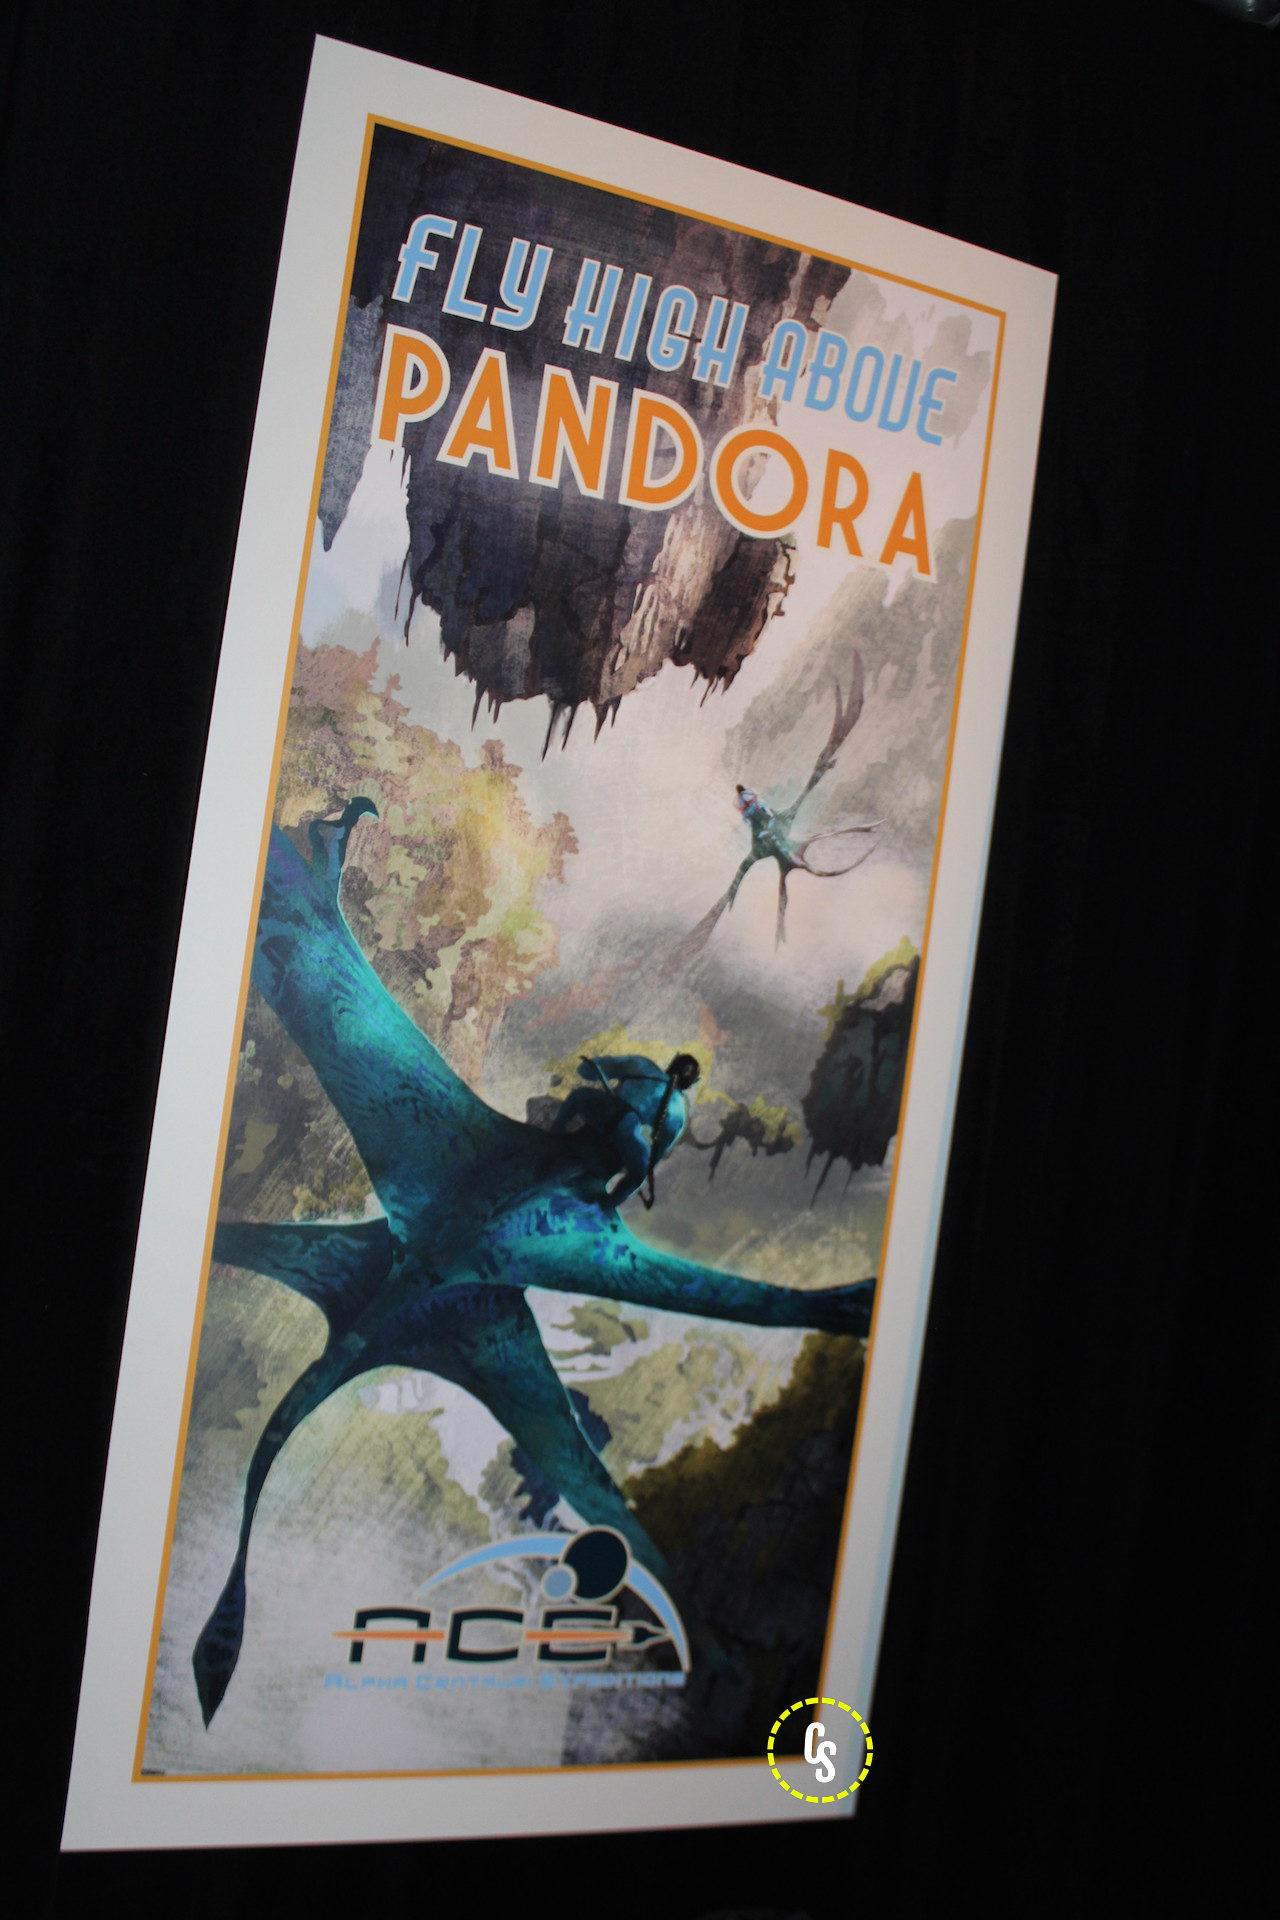 Pandora: Vuela alto